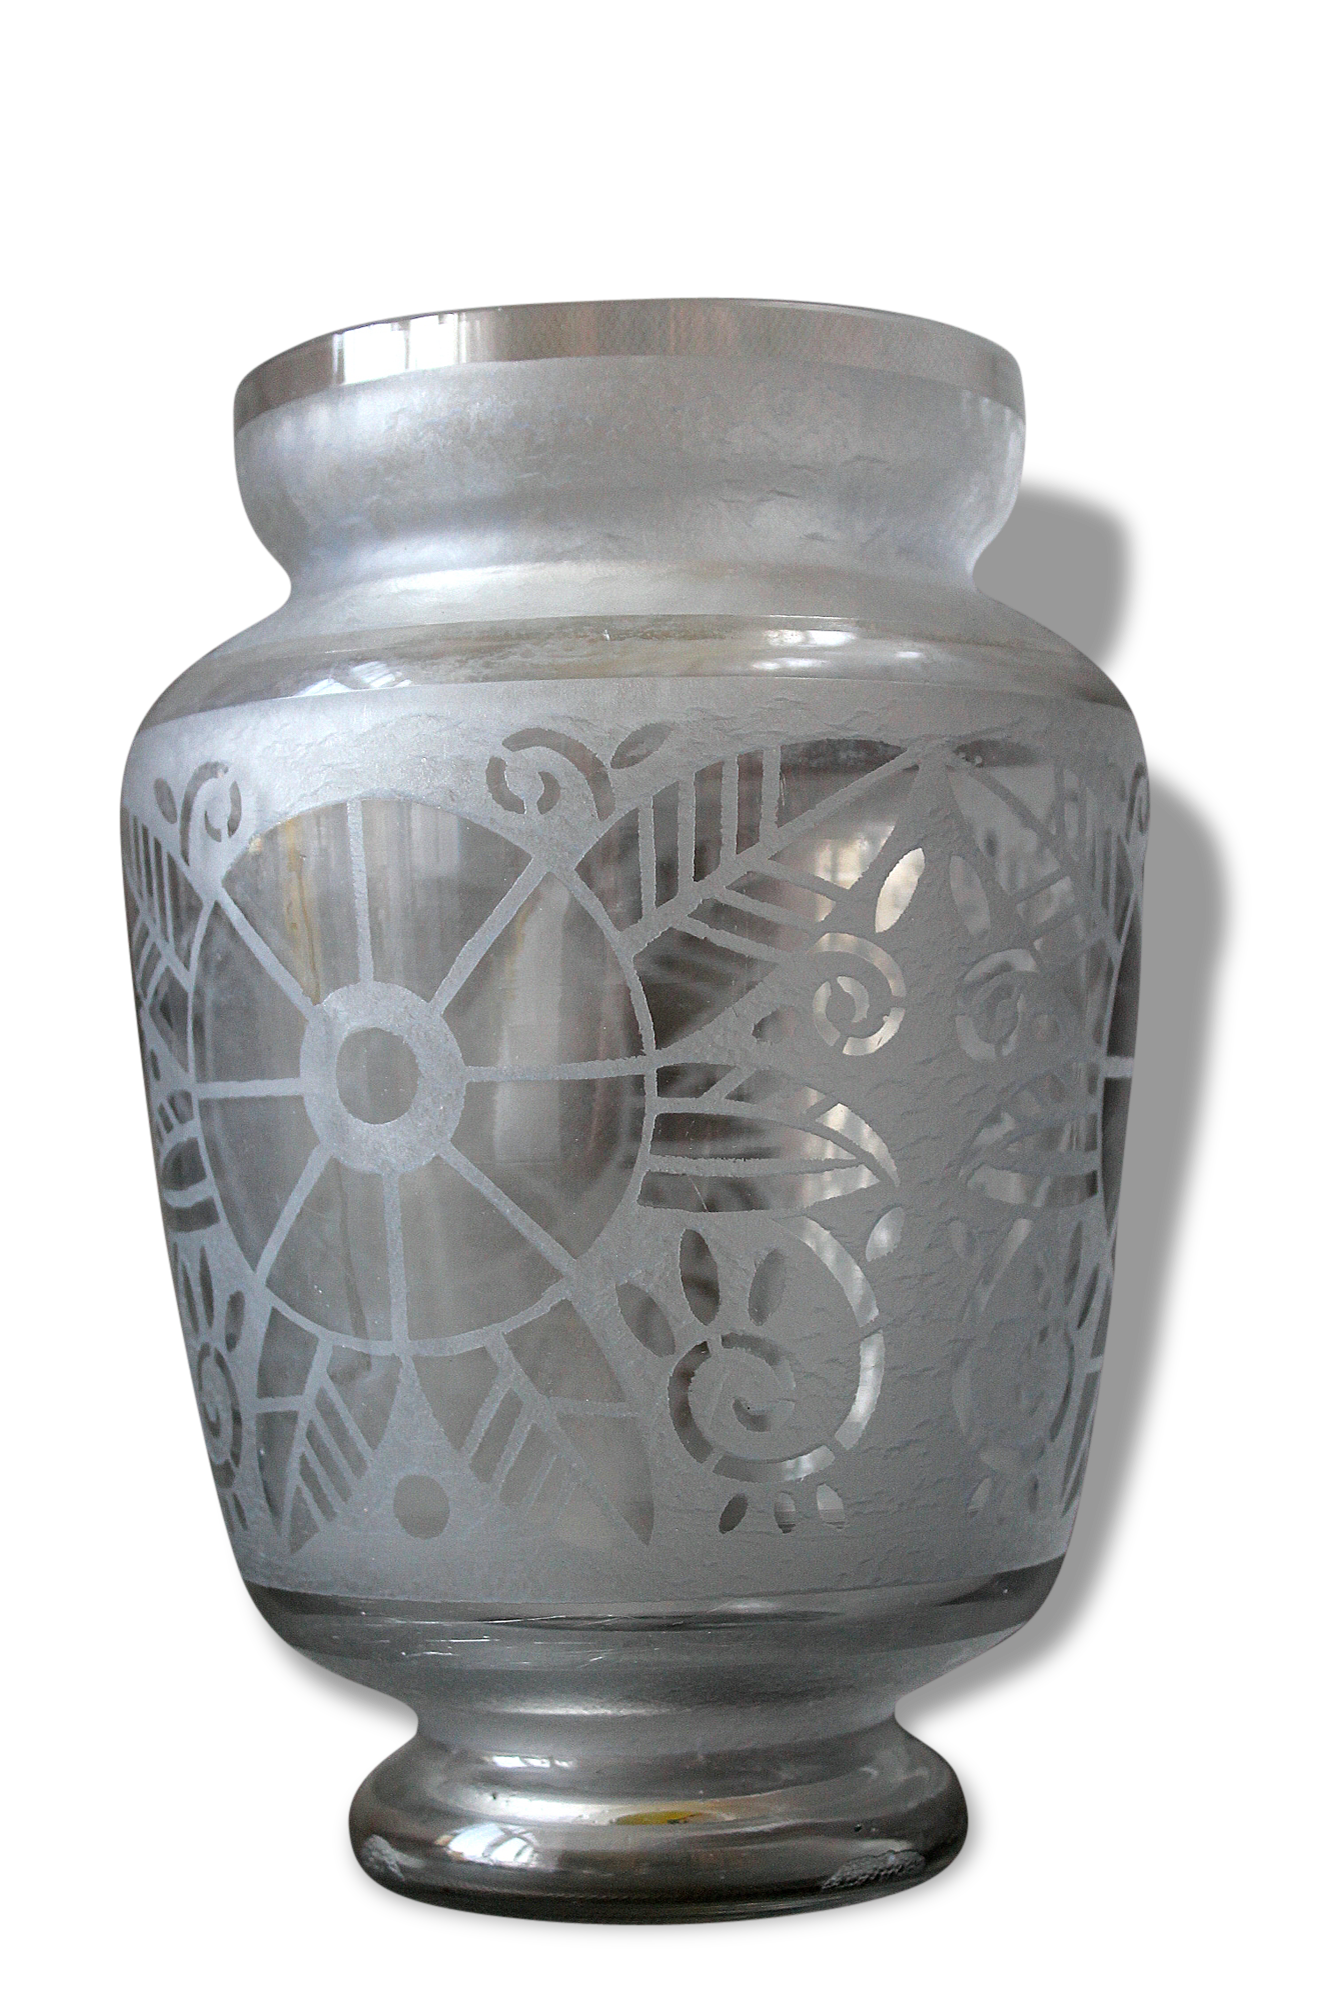 Grand Vase Transparent : great deco dans grand vase en verre en ce qui concerne deco grand vase en verre with grand vase ~ Teatrodelosmanantiales.com Idées de Décoration